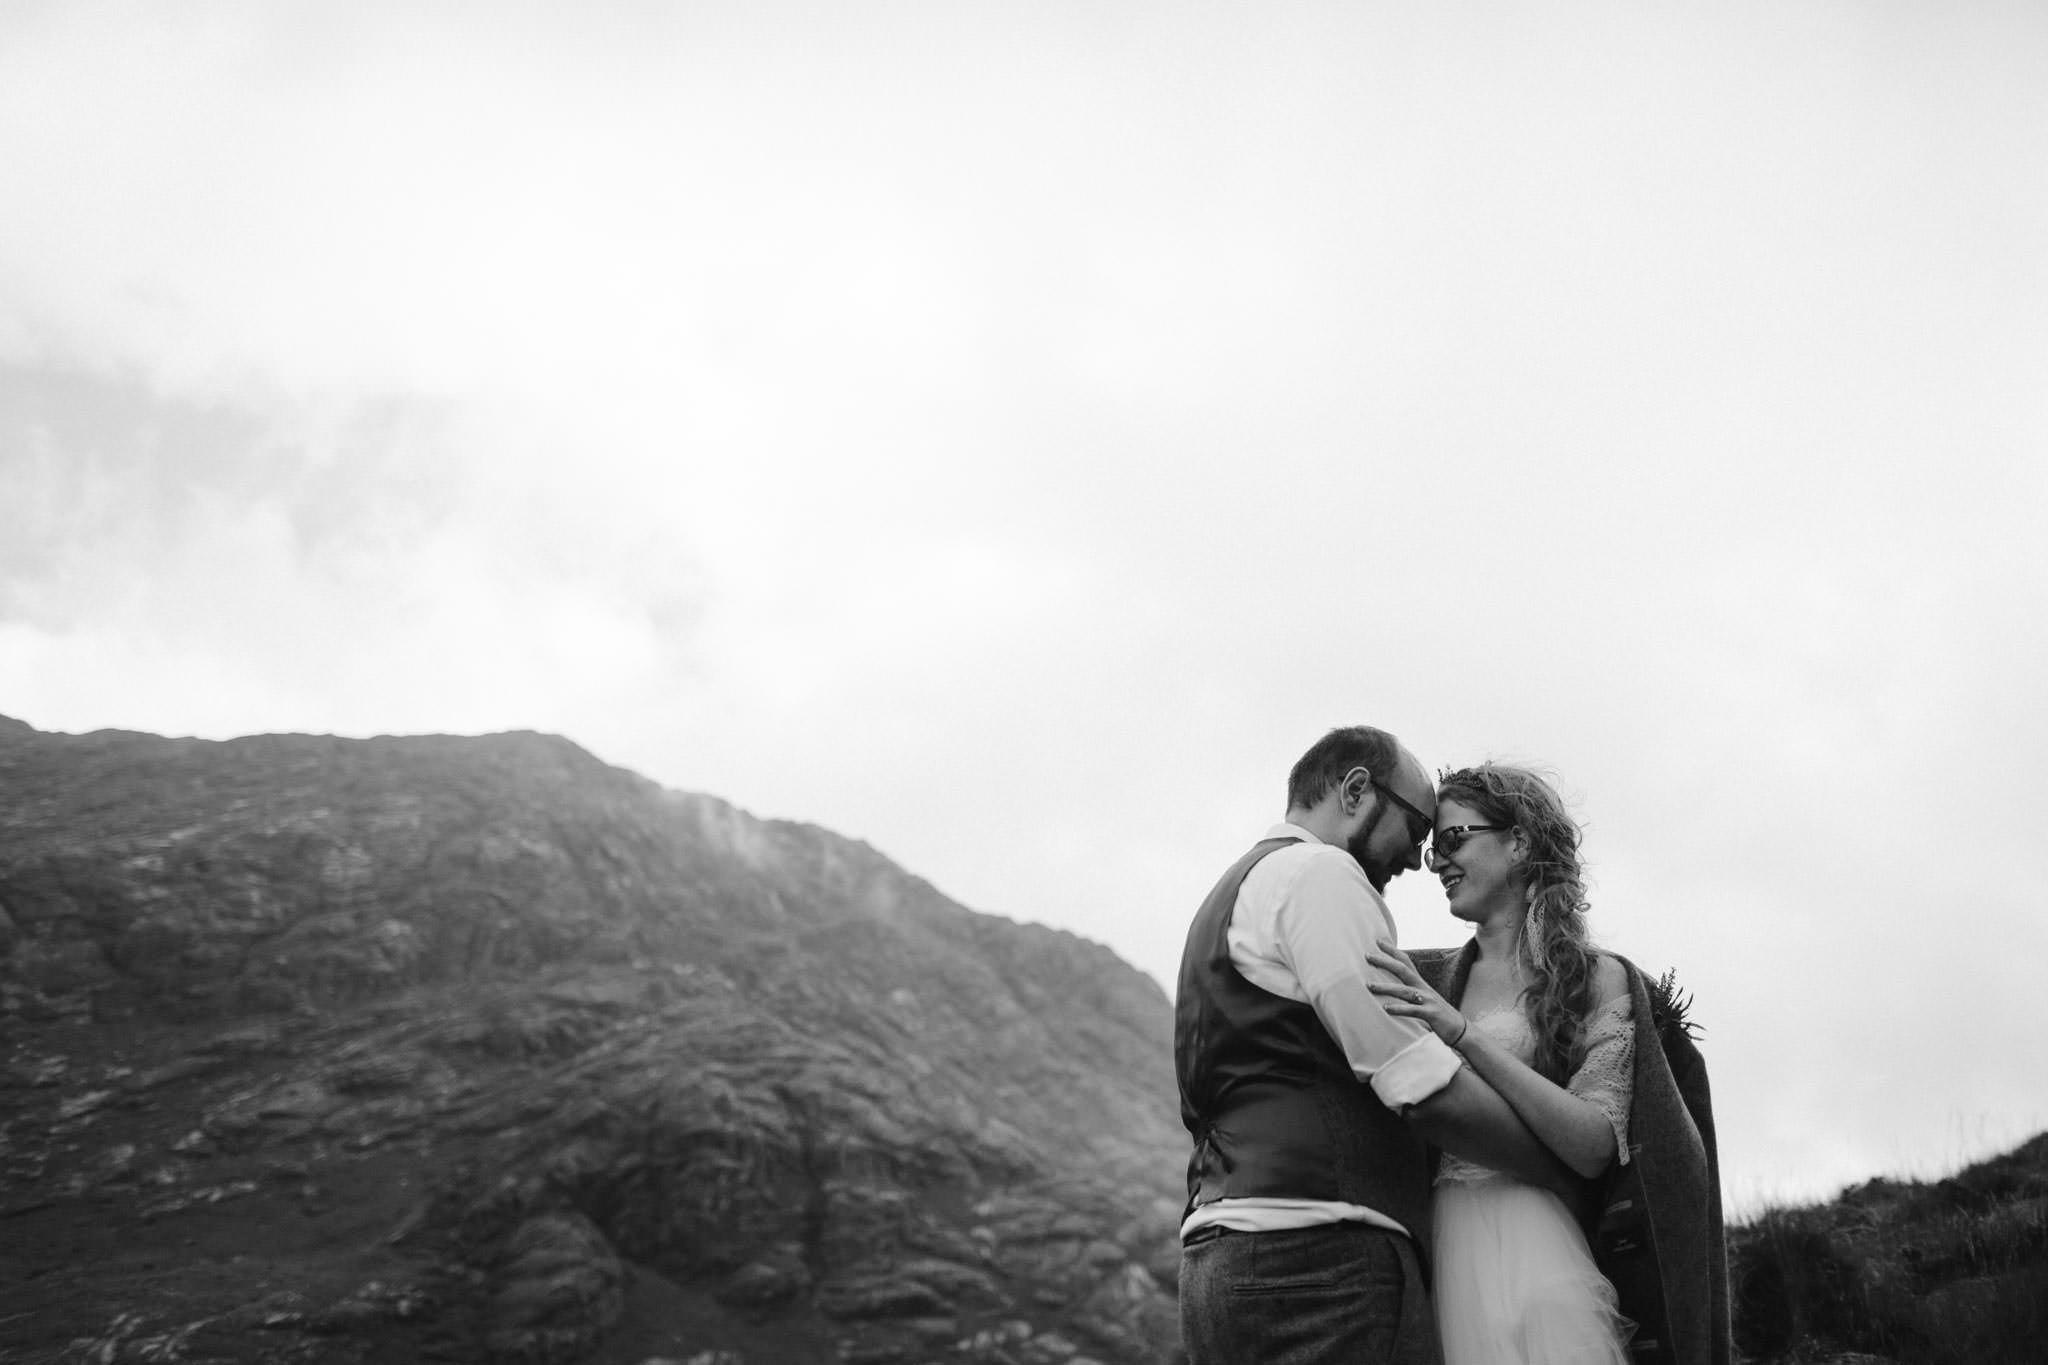 isle-of-skye-elopement-wedding-060